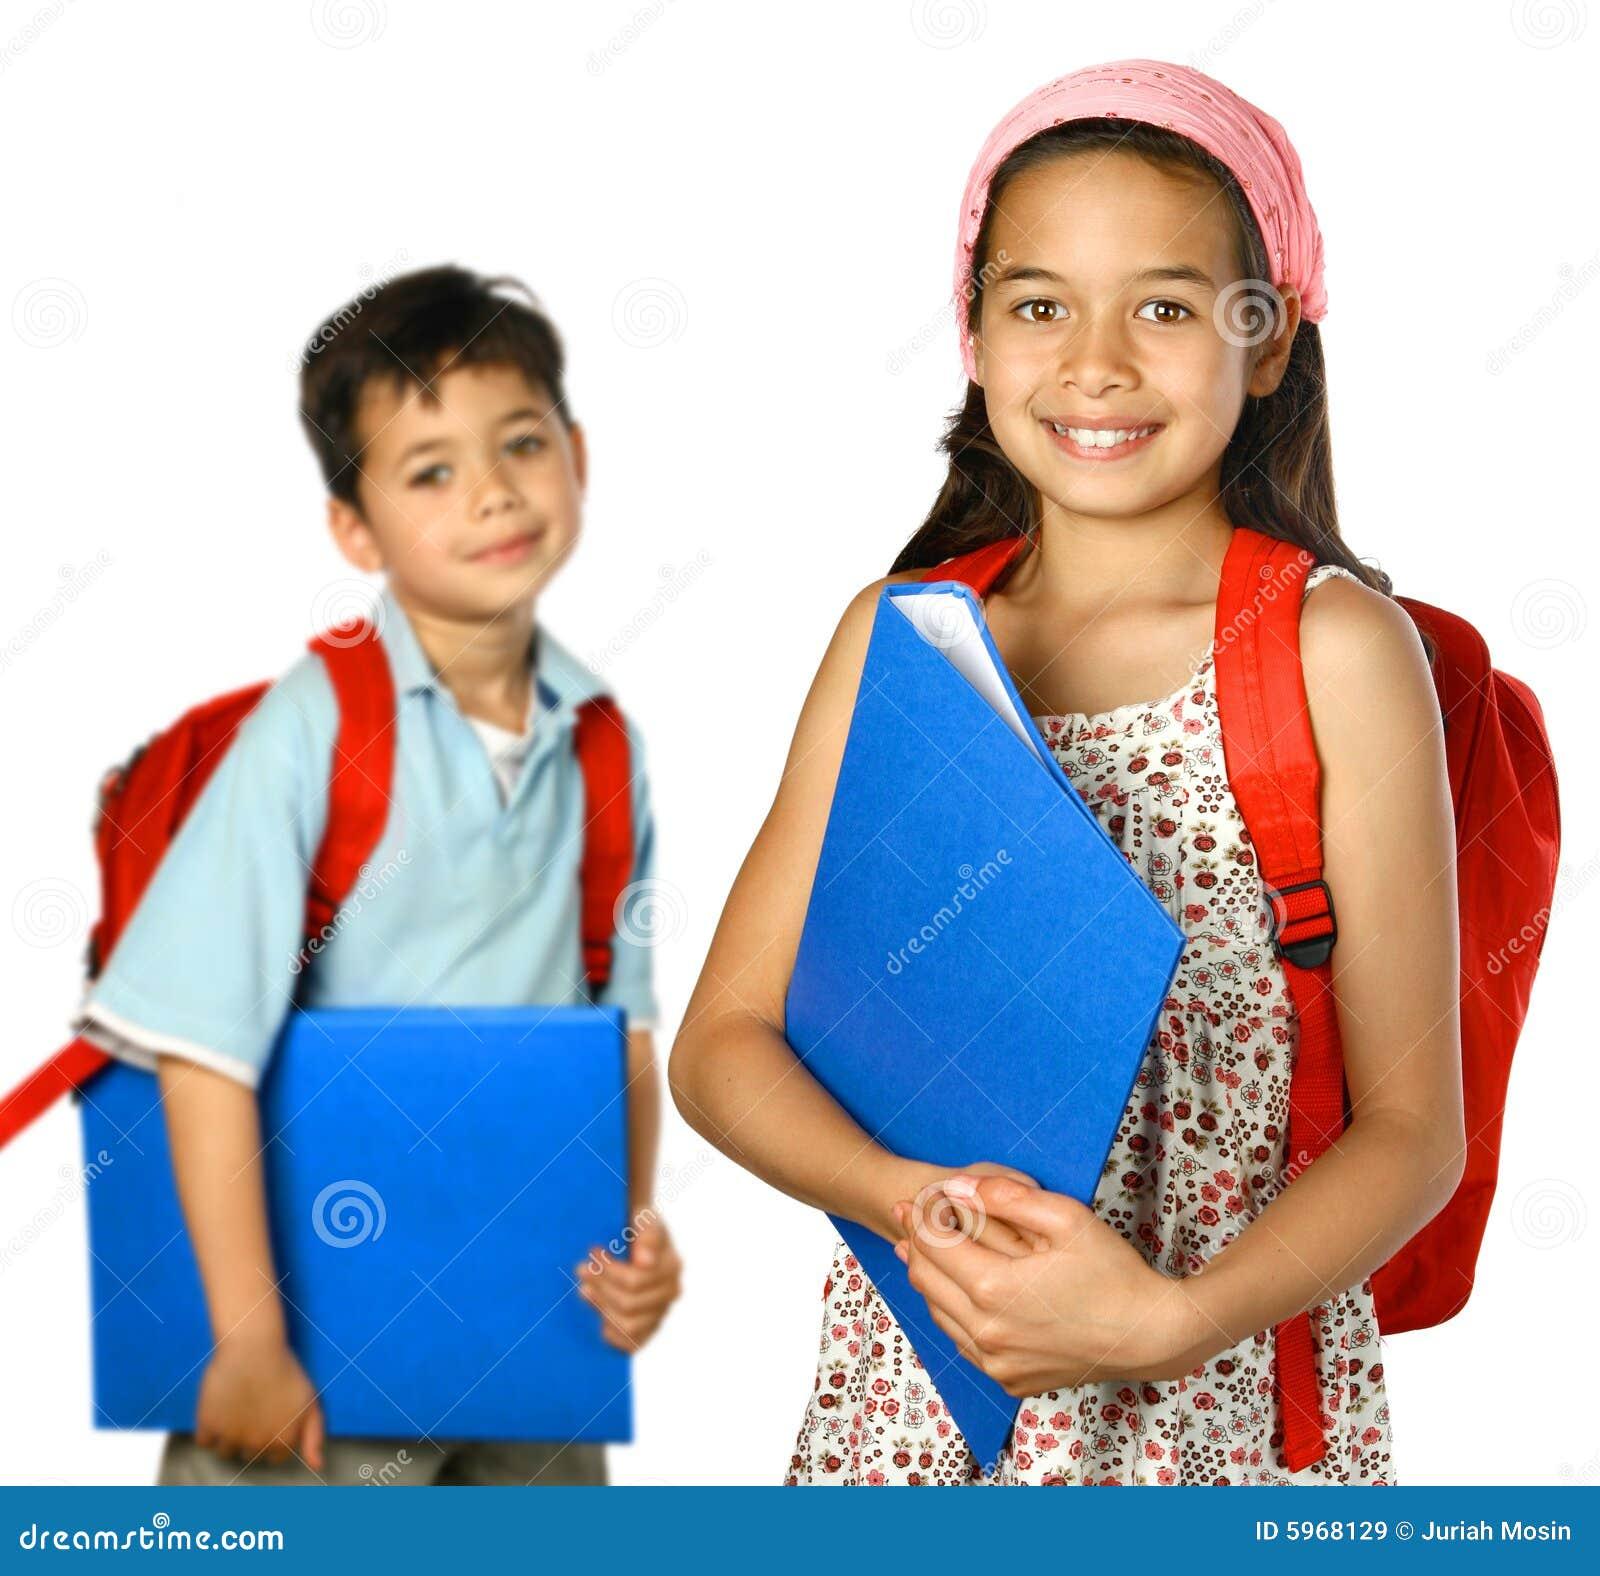 School children images